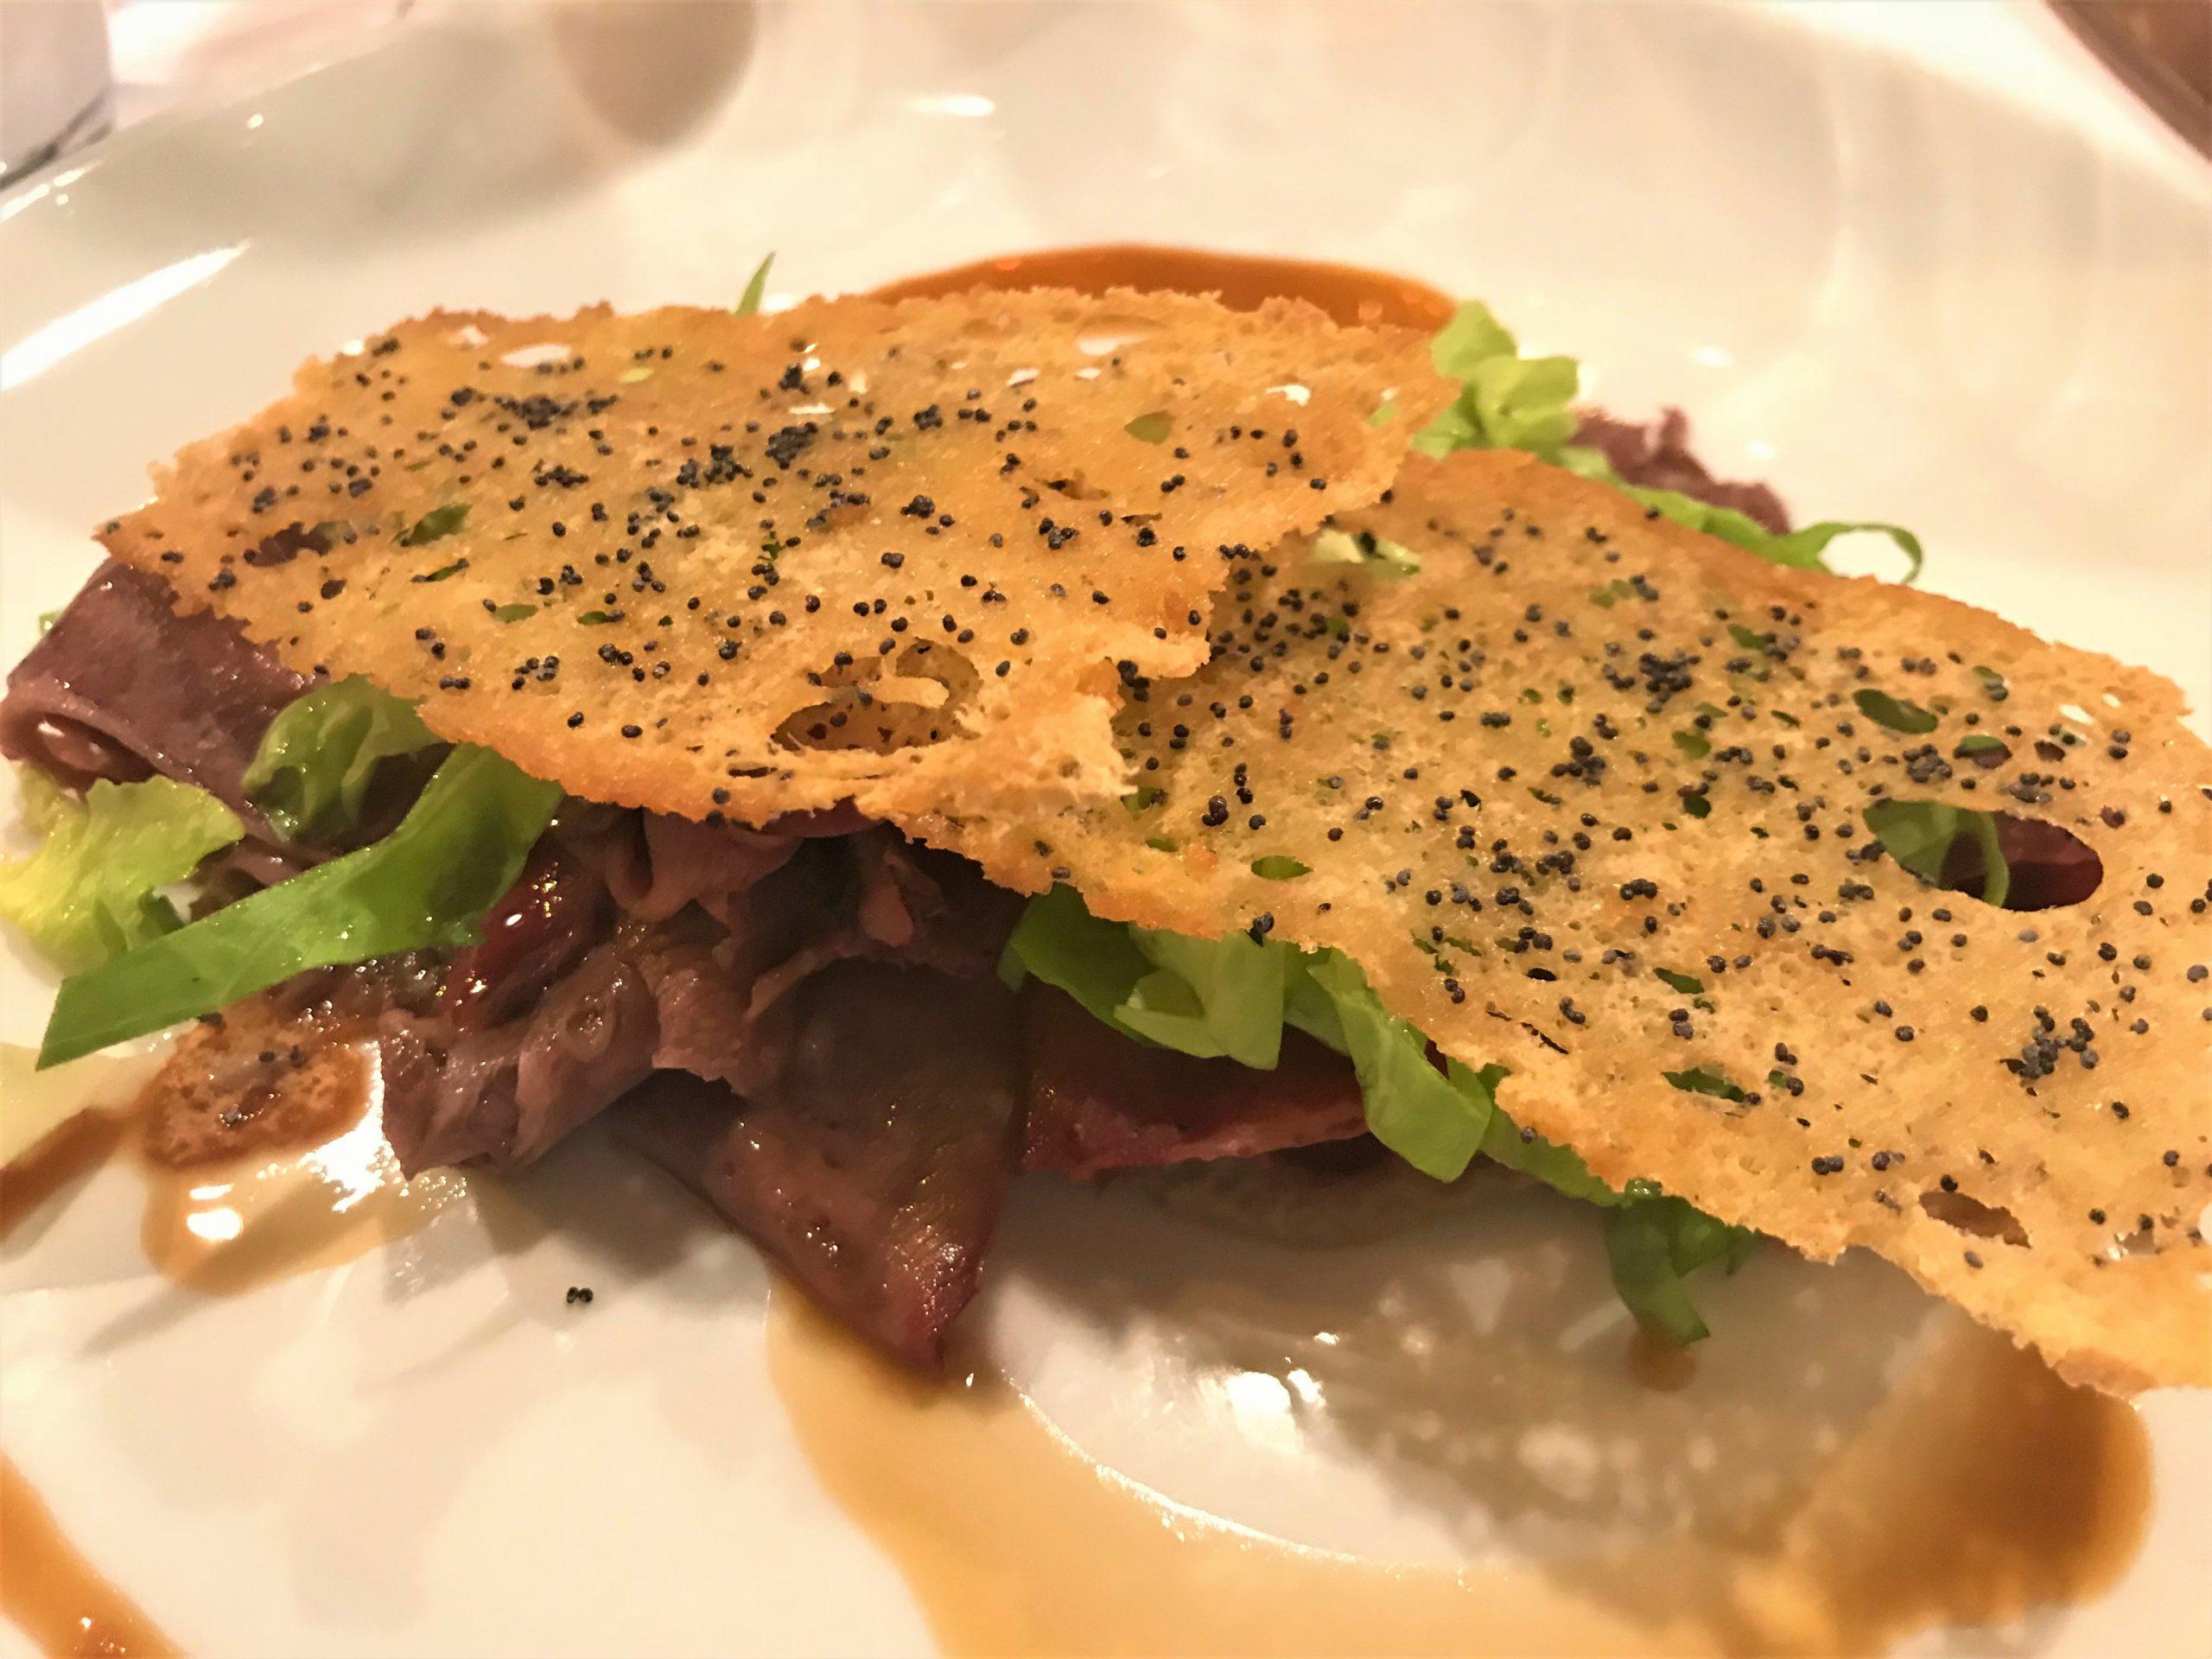 Sandwich di Lingua, Locanda 4 Cuochi, Dario Fracasso, Verona, Veneto